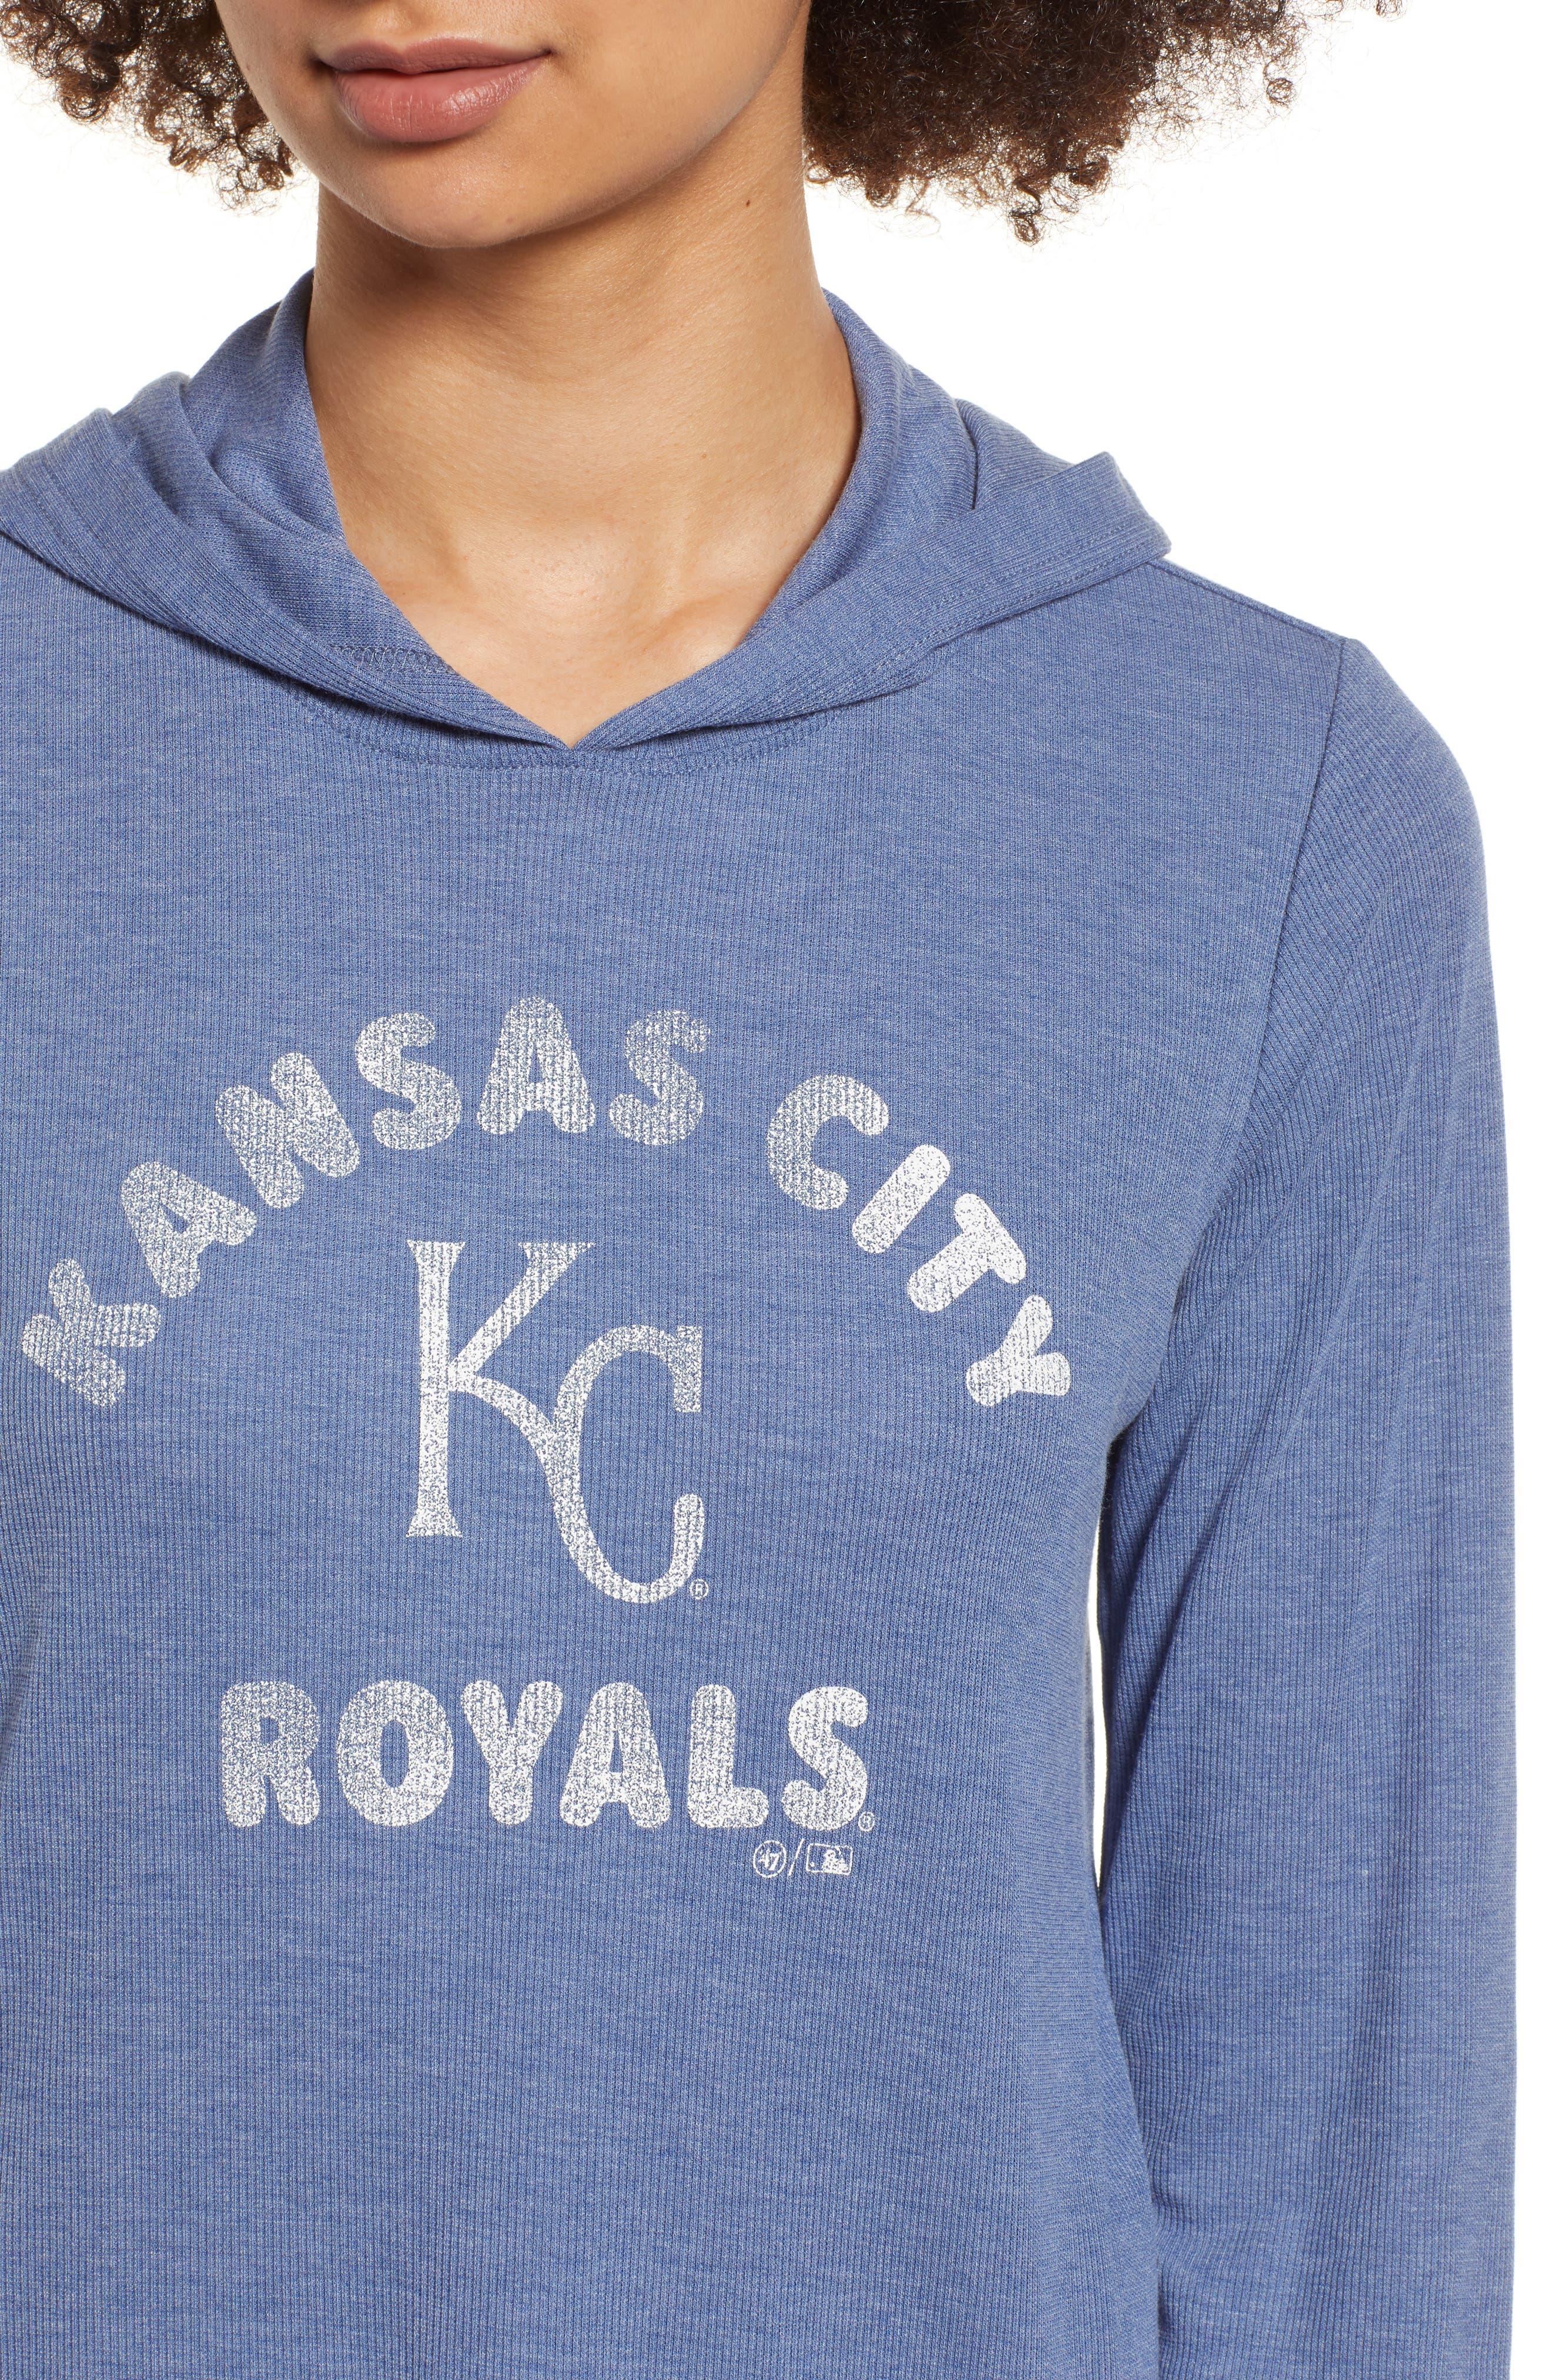 Campbell Kansas City Royals Rib Knit Hooded Top,                             Alternate thumbnail 4, color,